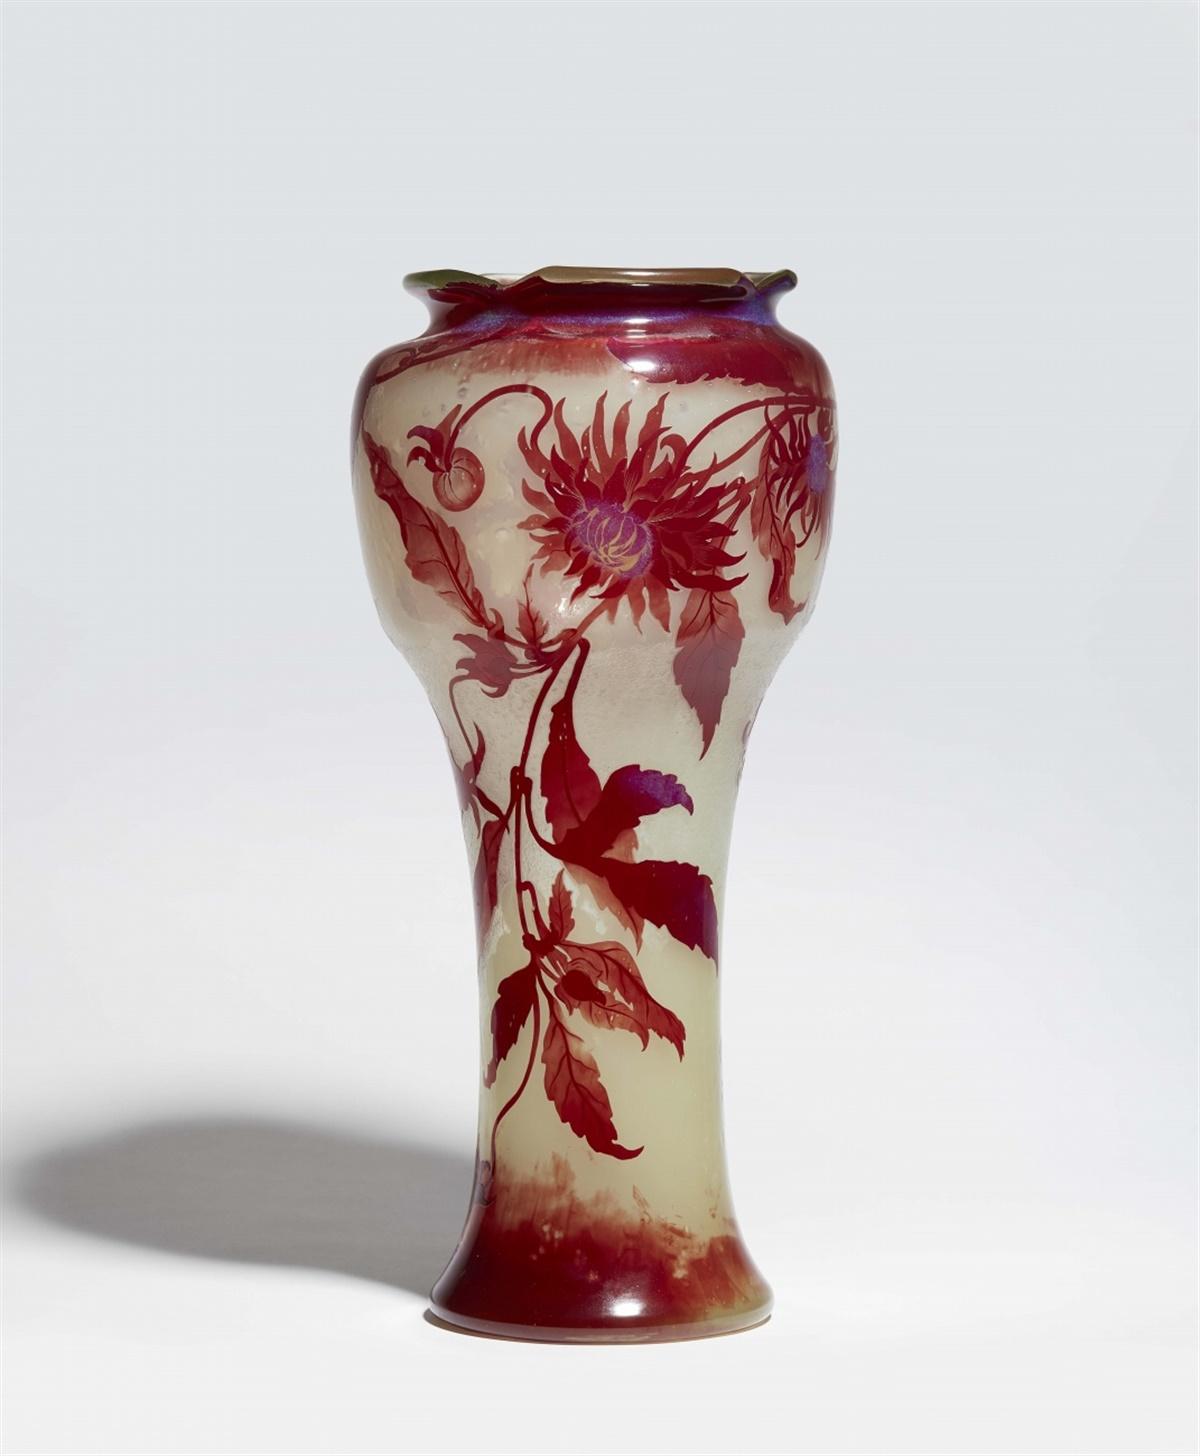 Lot 20 - Seltene große Vase aux chrysanthèmesMilchglas mit Eisglasätzung, zahlreichen Blasen und